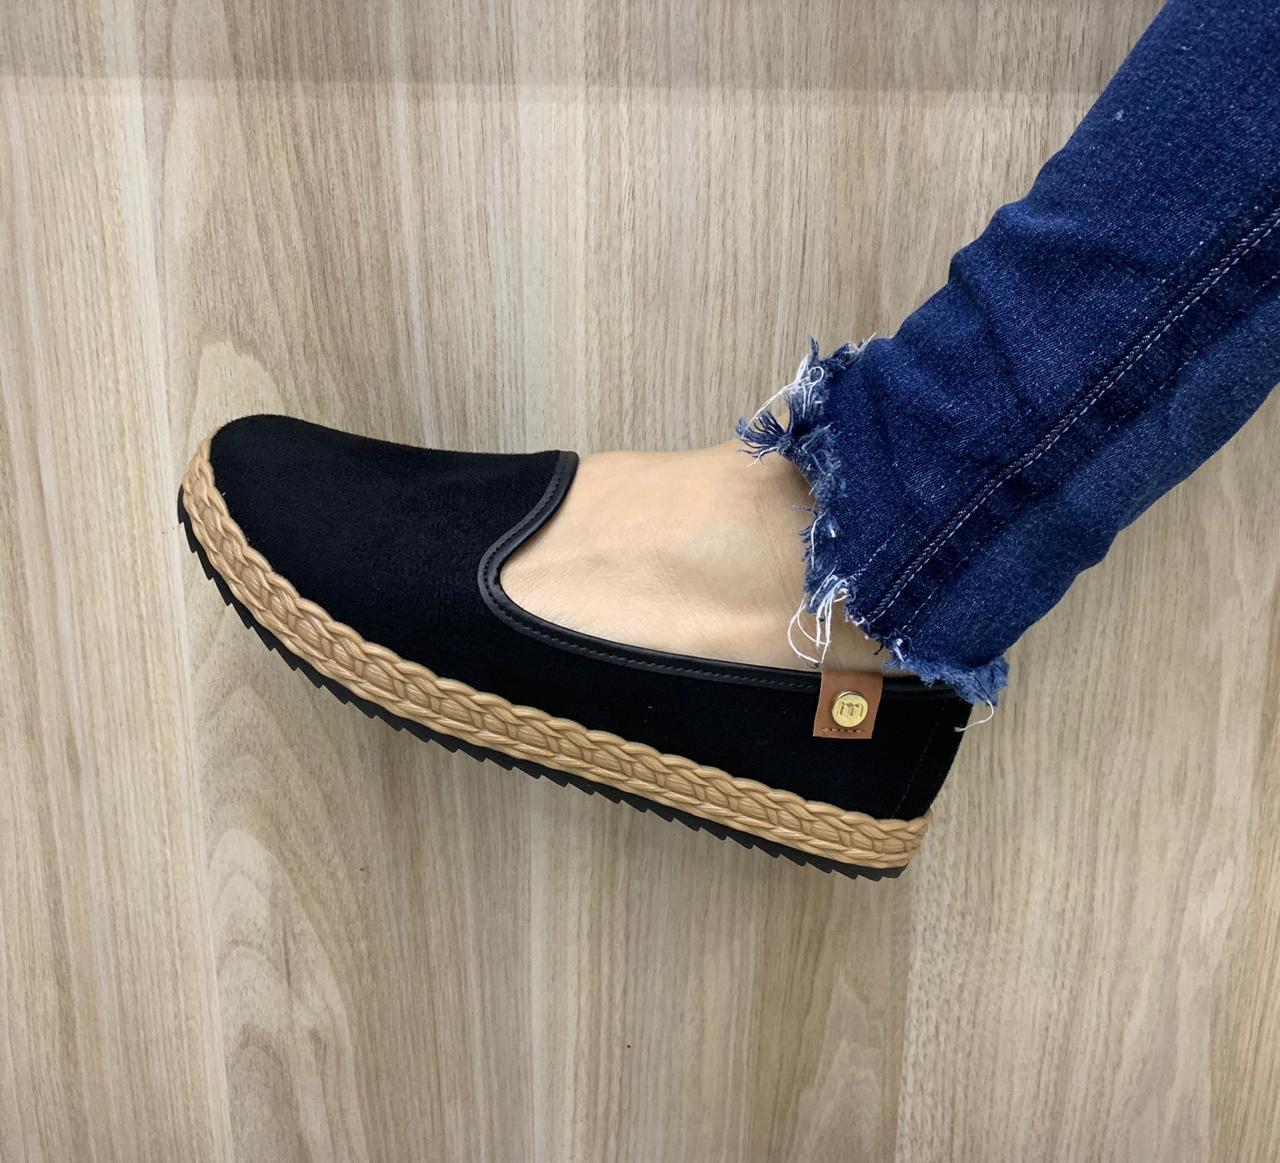 Sapato Sapatilha Moleca Casual Confortável 5696.104/204 Feminino